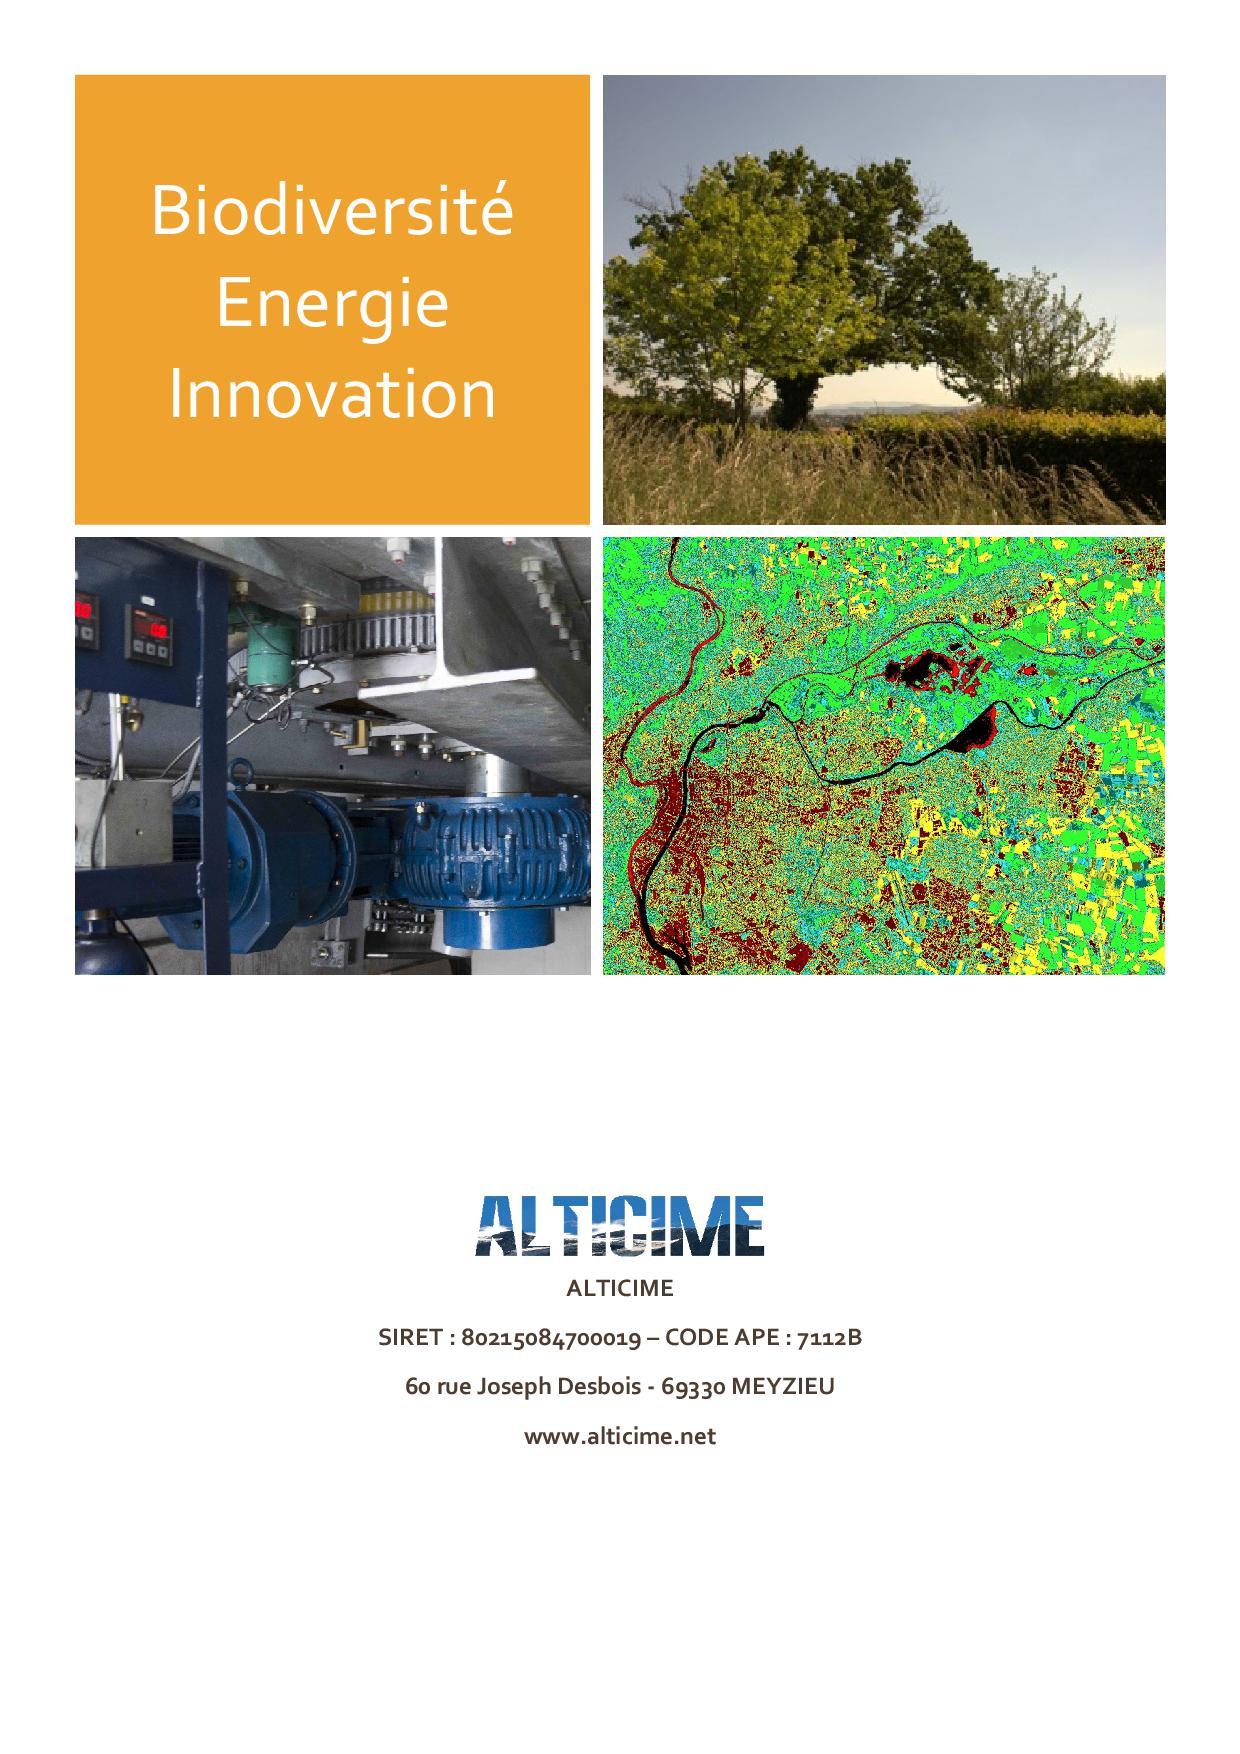 Plaquette Biodiversité Energie Innovation